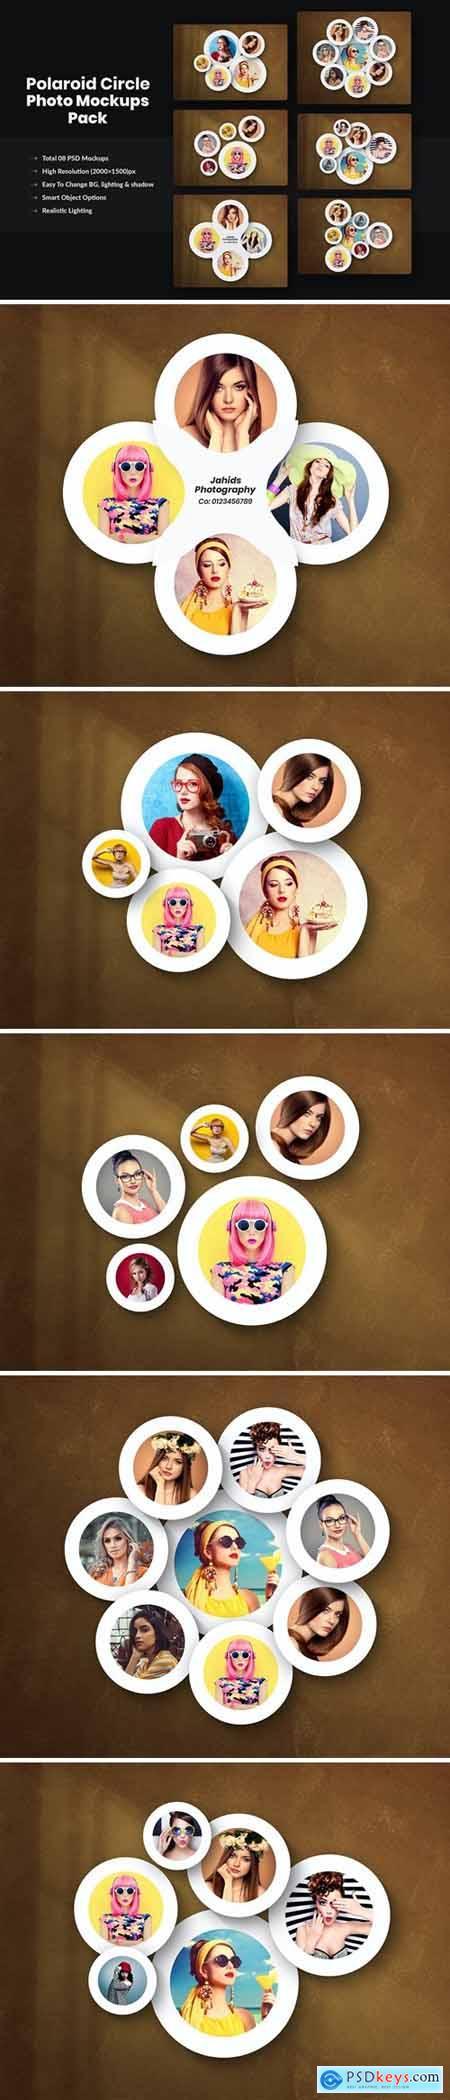 Polaroid Circle Photo Mockups Pack